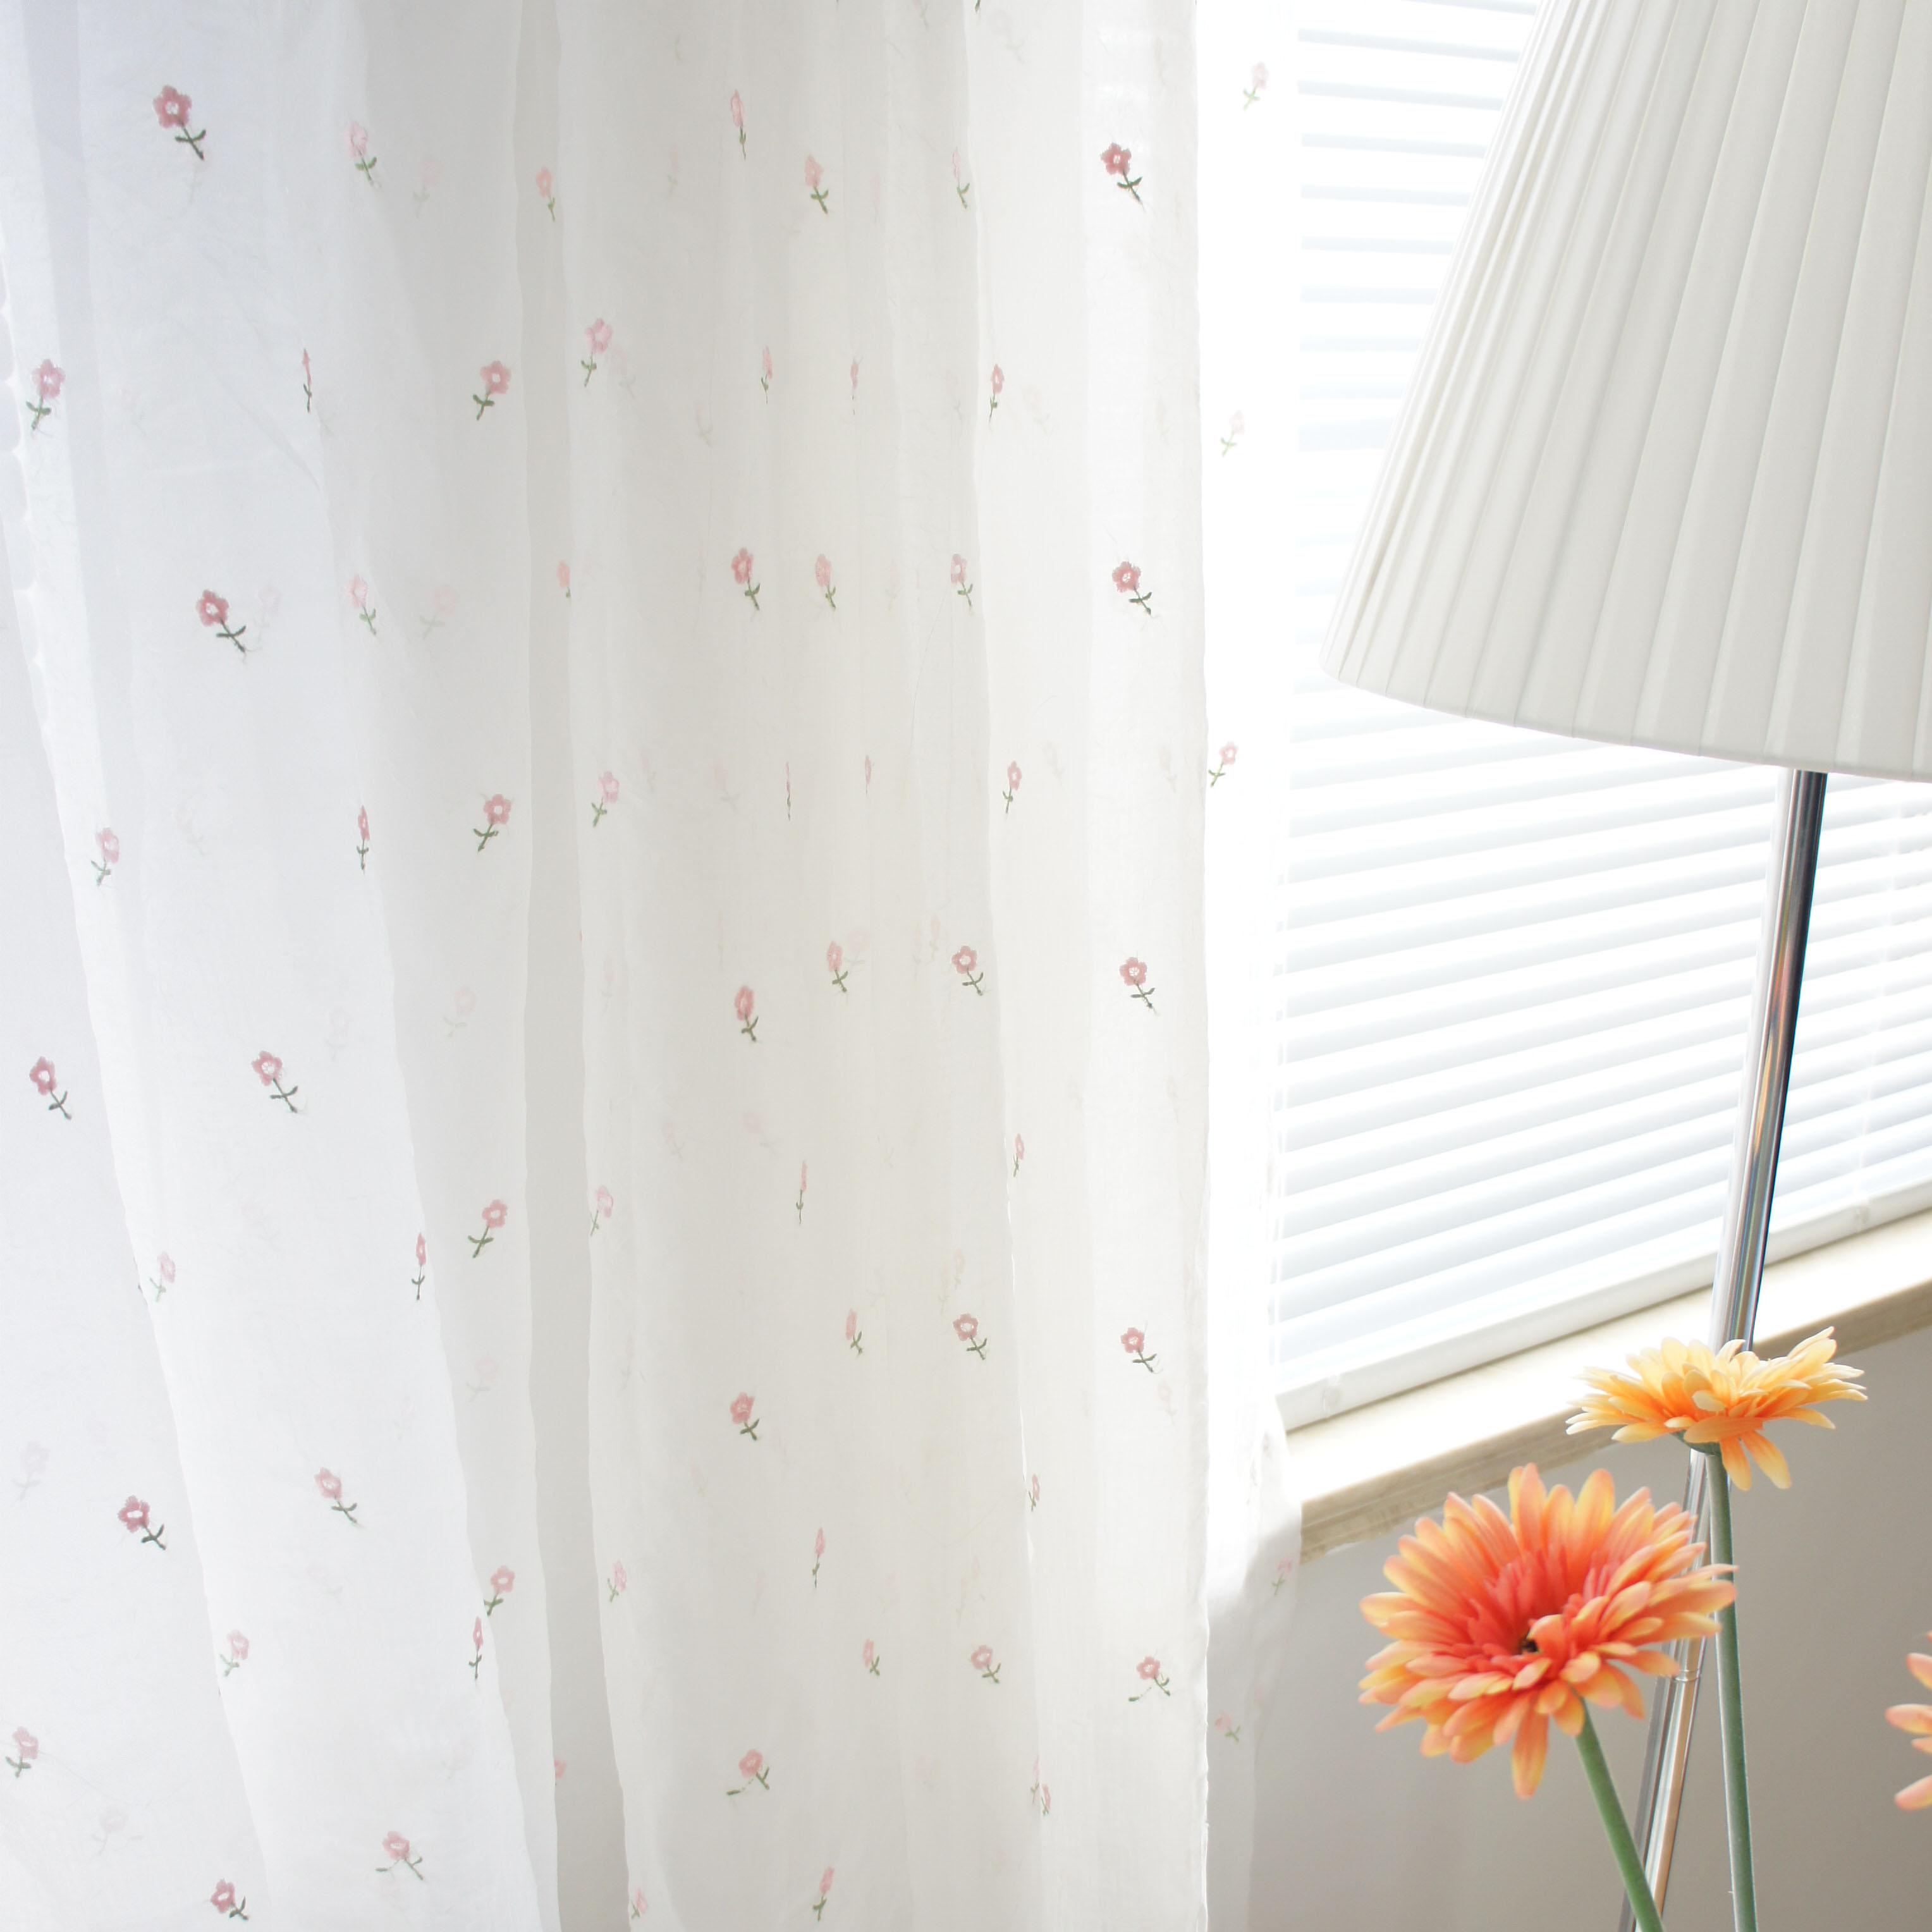 Balcon qualit petite brod voile rideau blanc sheer - Rideaux pour balcon ...